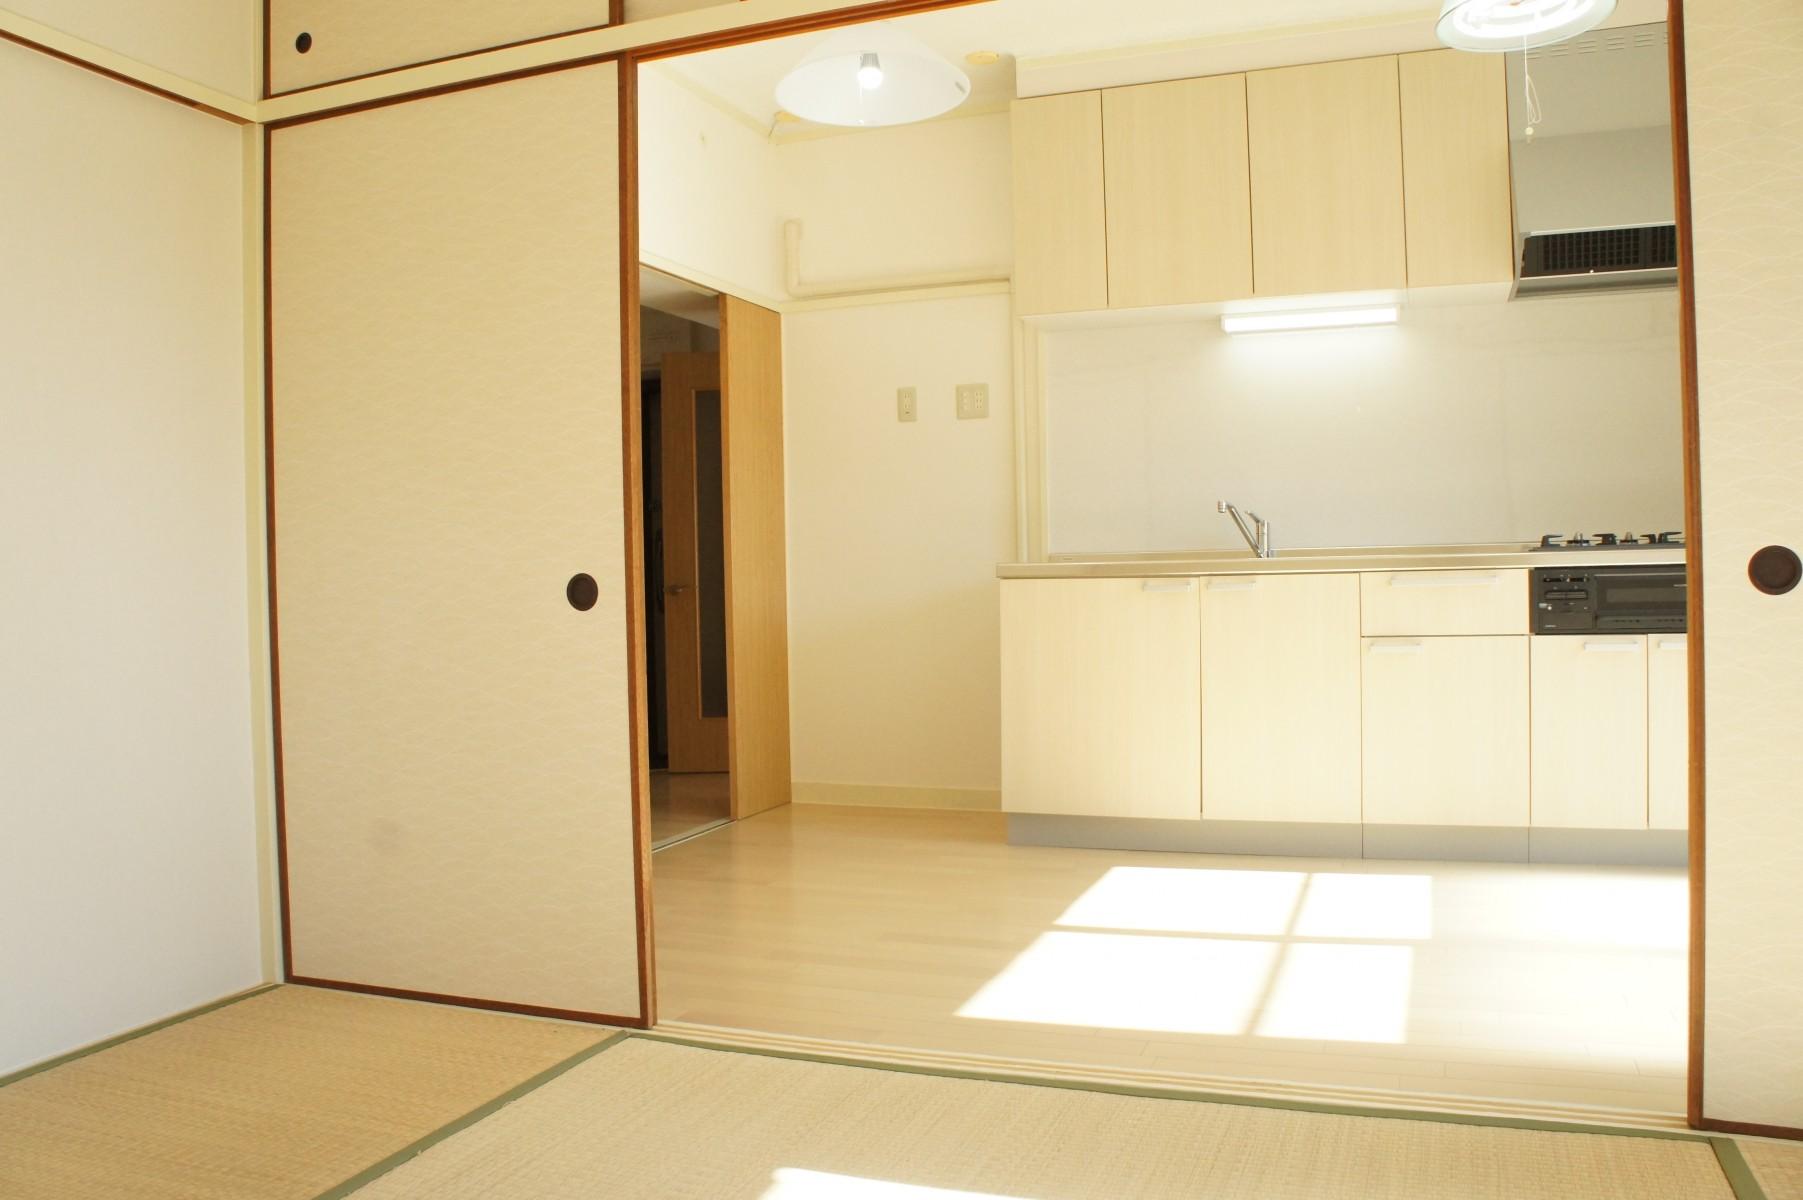 若山台住宅33棟 価格6.5万円 イメージ